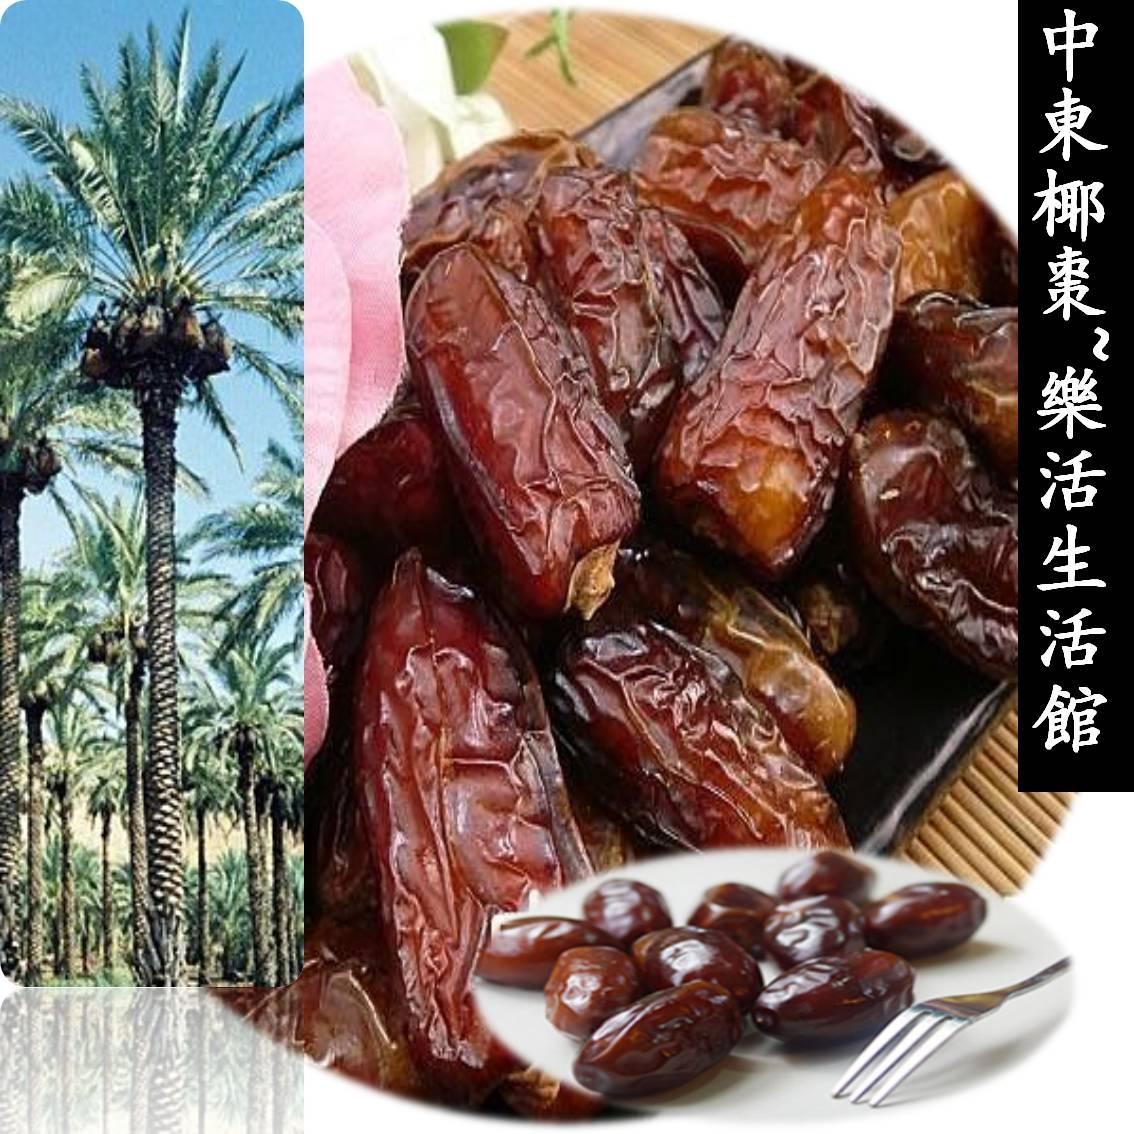 特級中東沙漠椰棗 波斯蜜棗 小包裝200g  【樂活生活館】